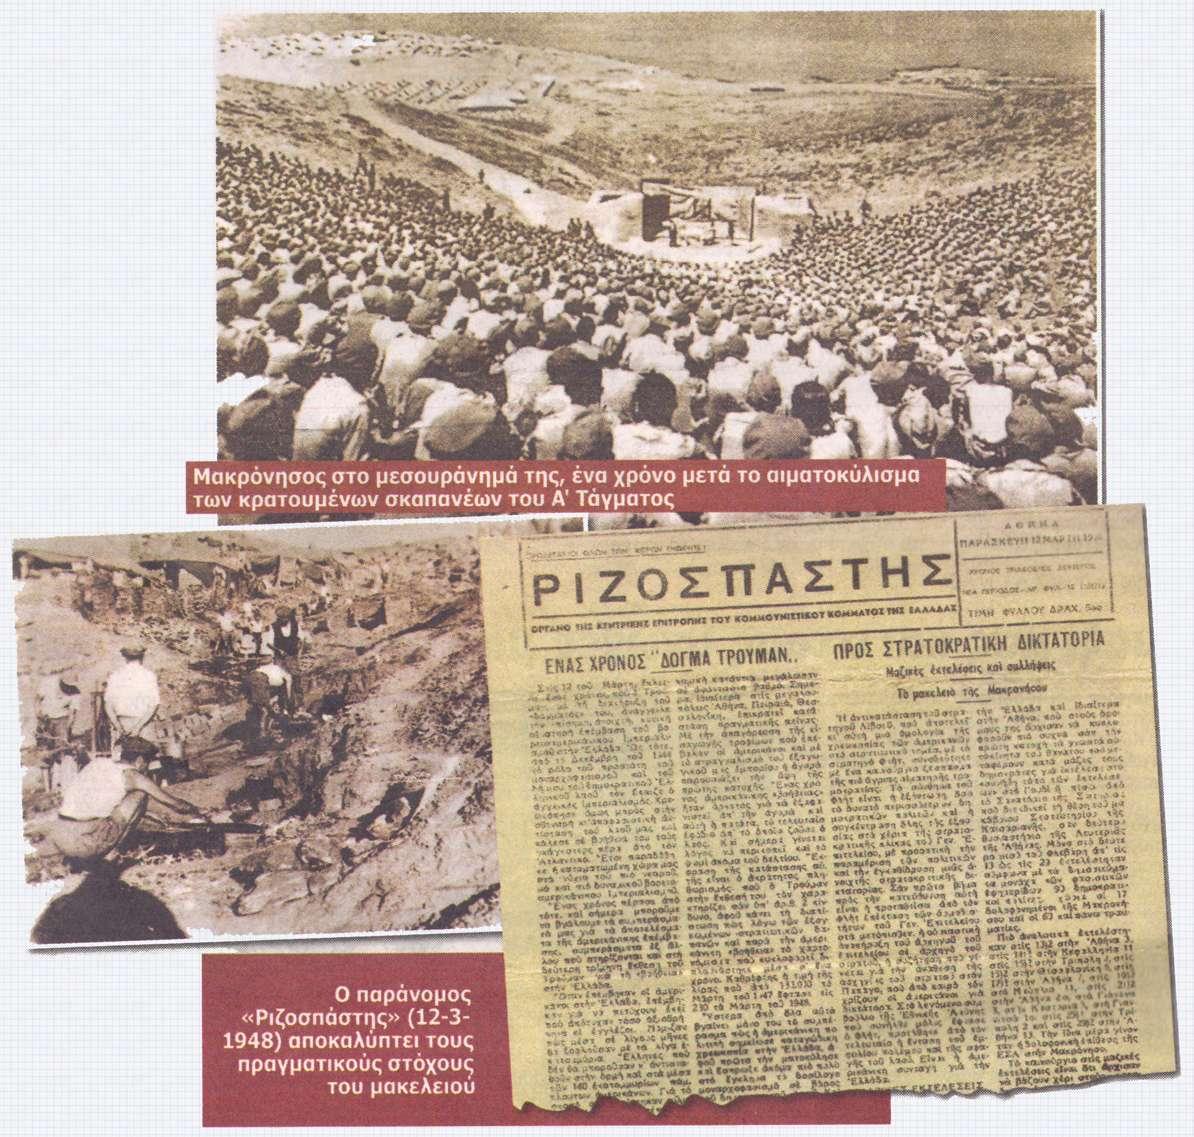 Ο παράνομος «Ριζοσπάστης» (12-3-1948) αποκαλύπτει τους πραγματικούς στόχους του μακελειού